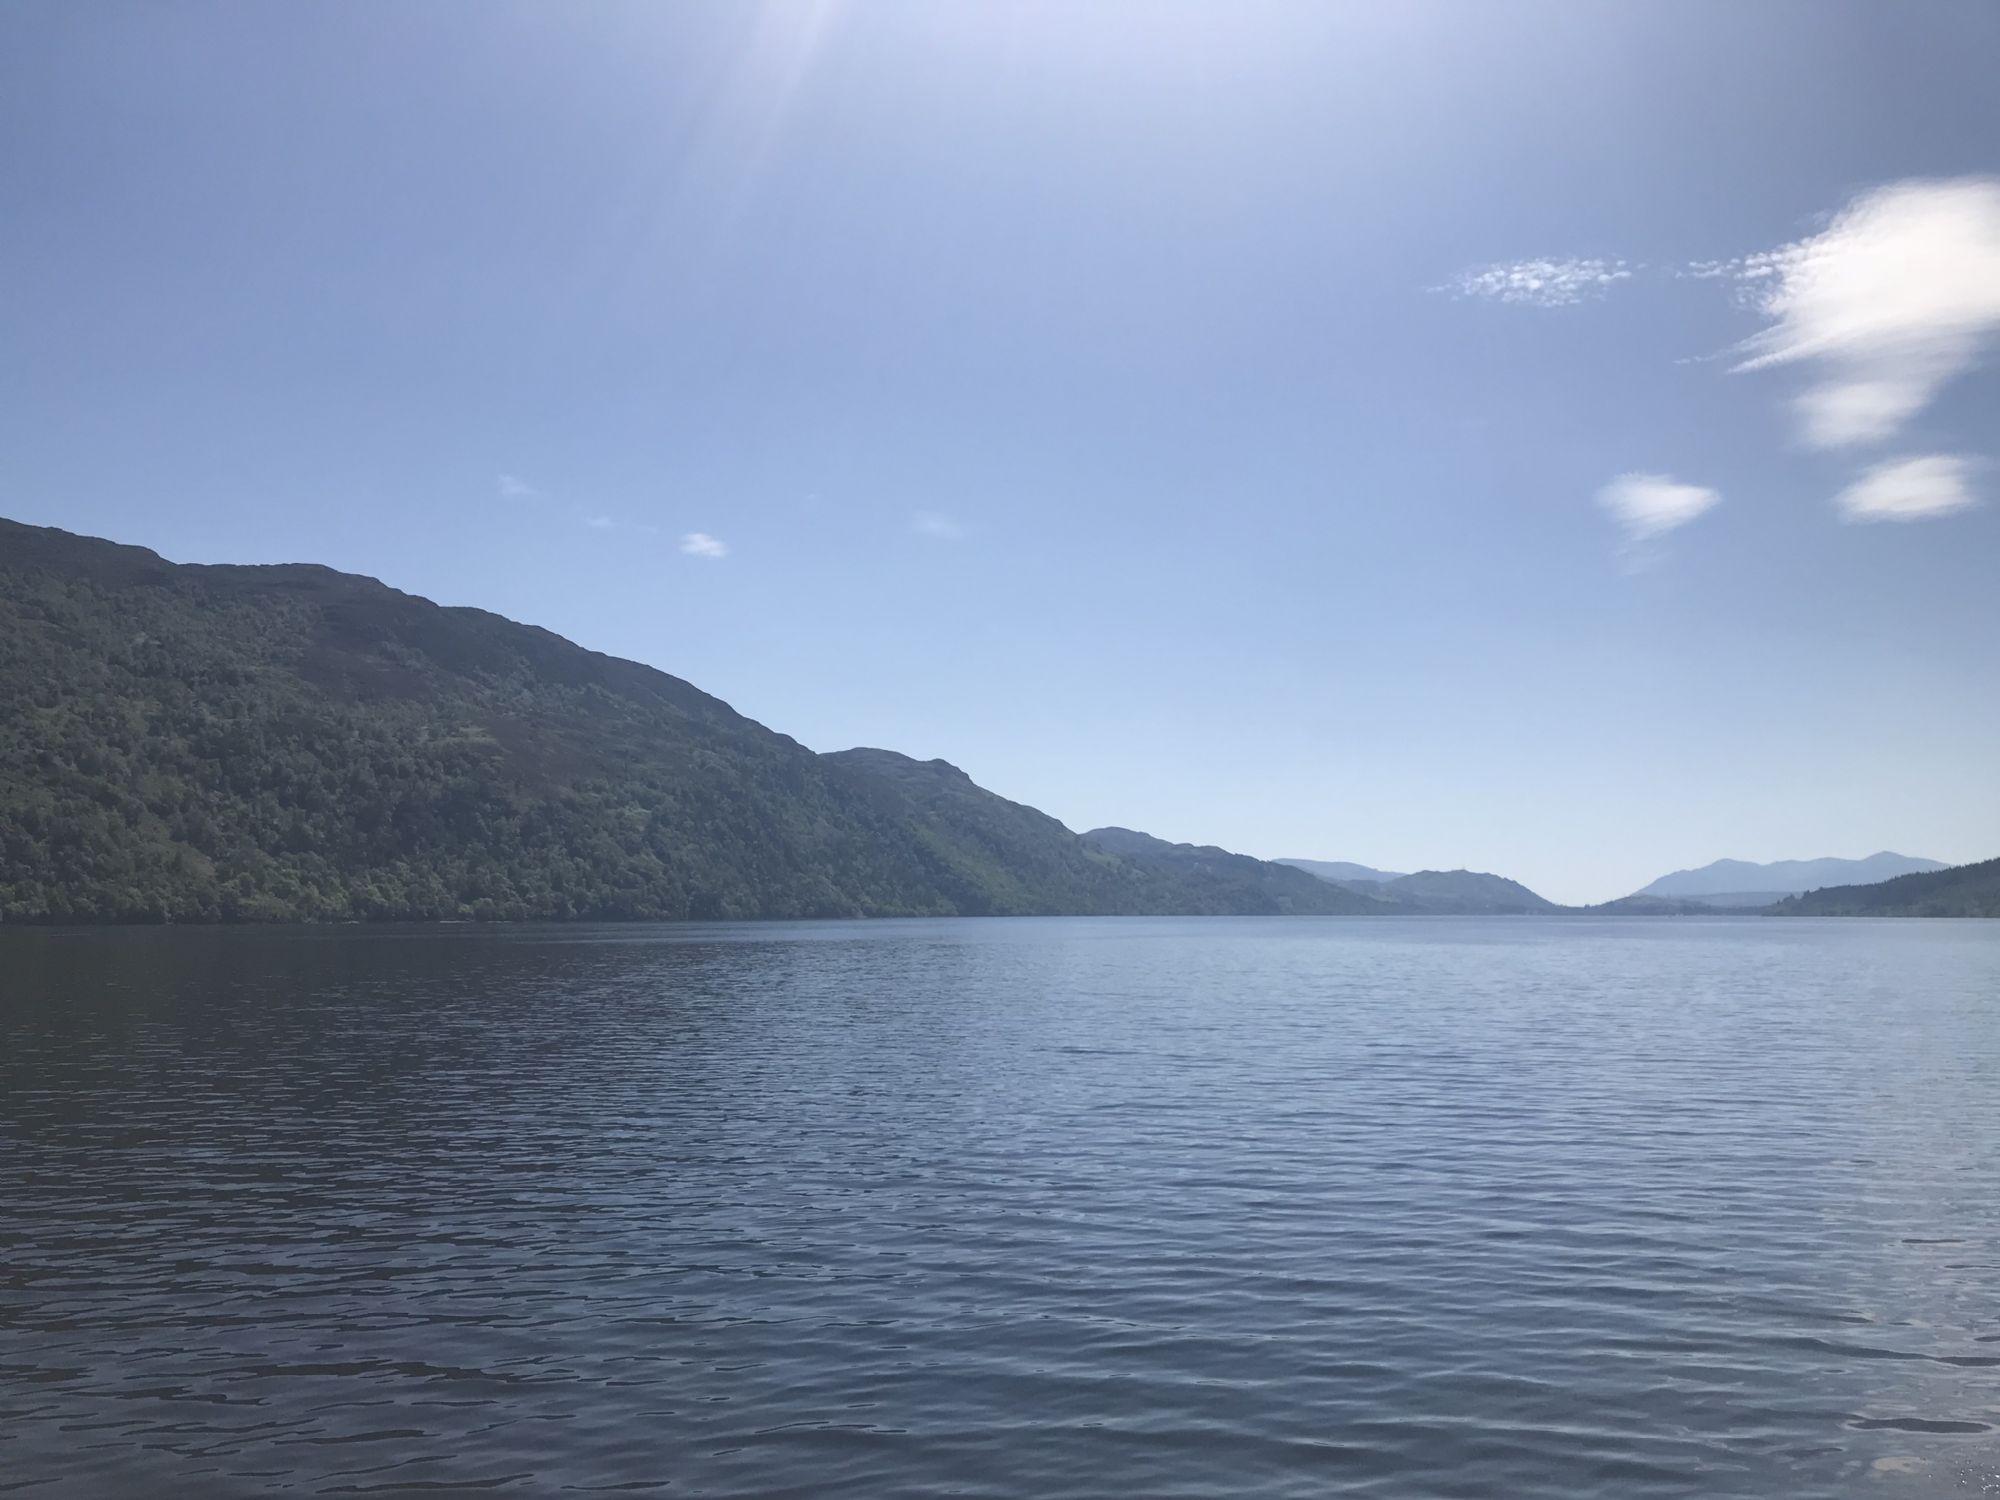 Loch Ness minus Nessie